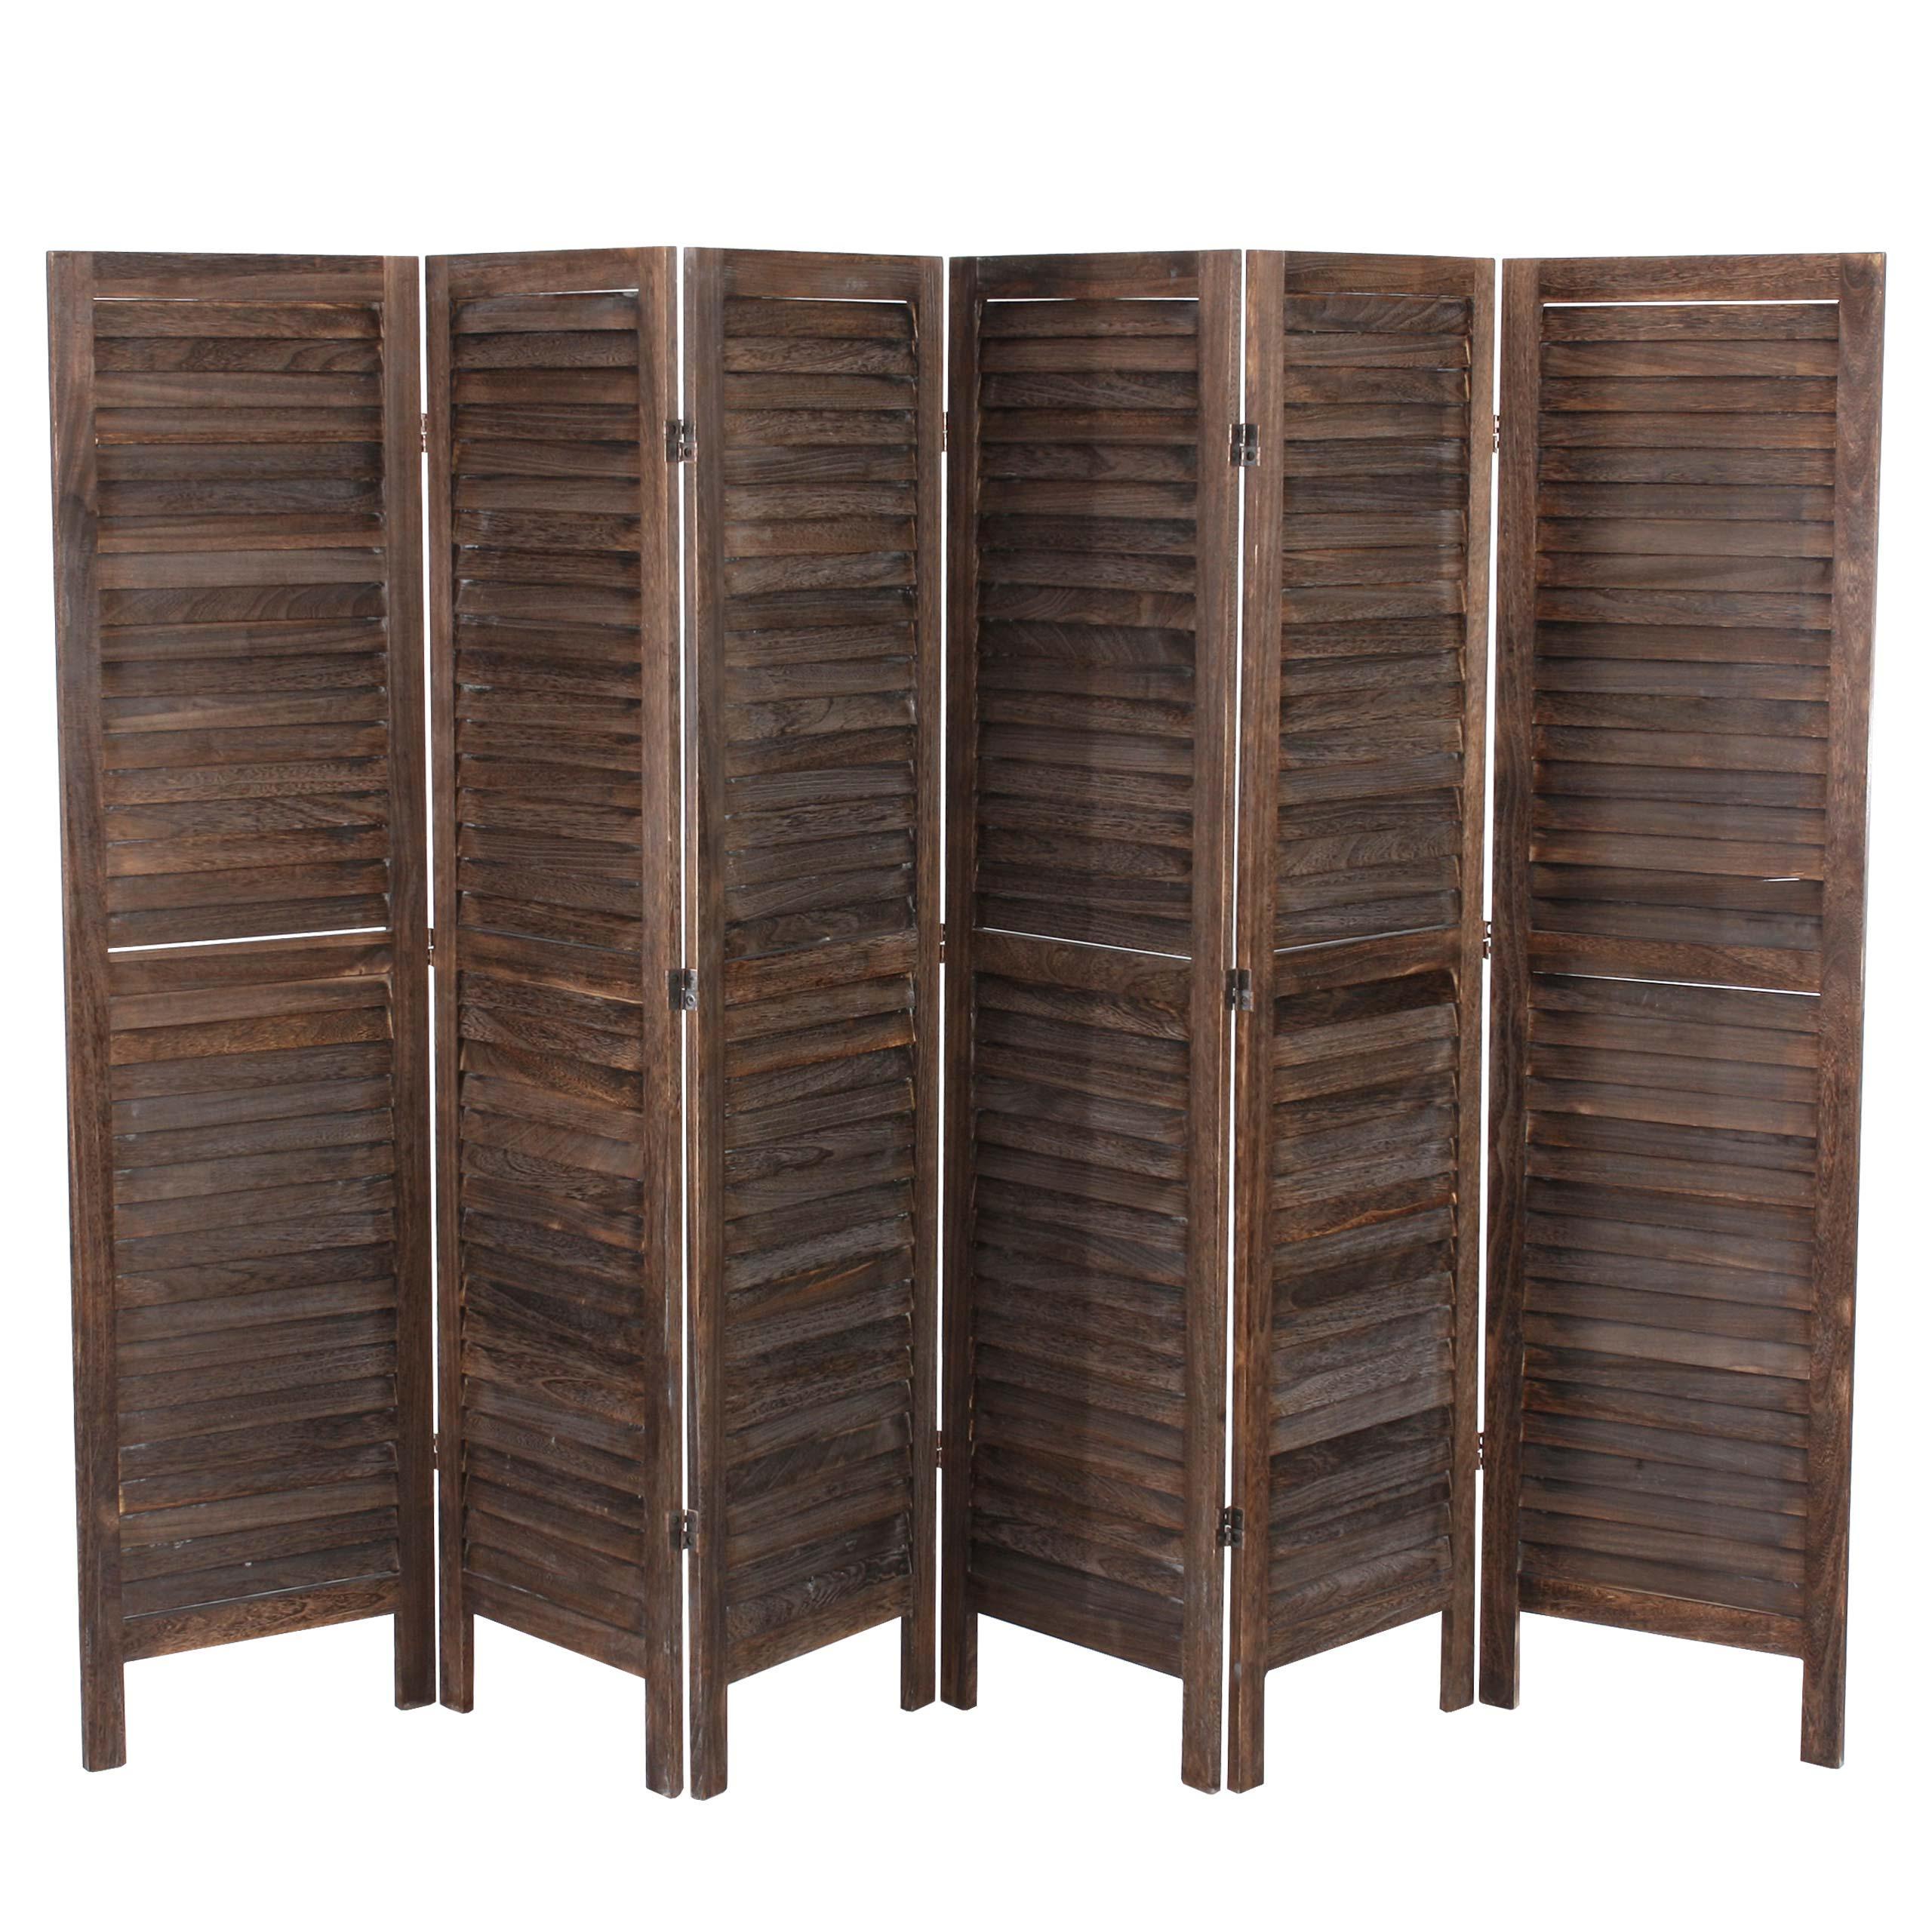 Biombo de madera leo 170x276x2cm muy elegante color - Biombos de madera ...